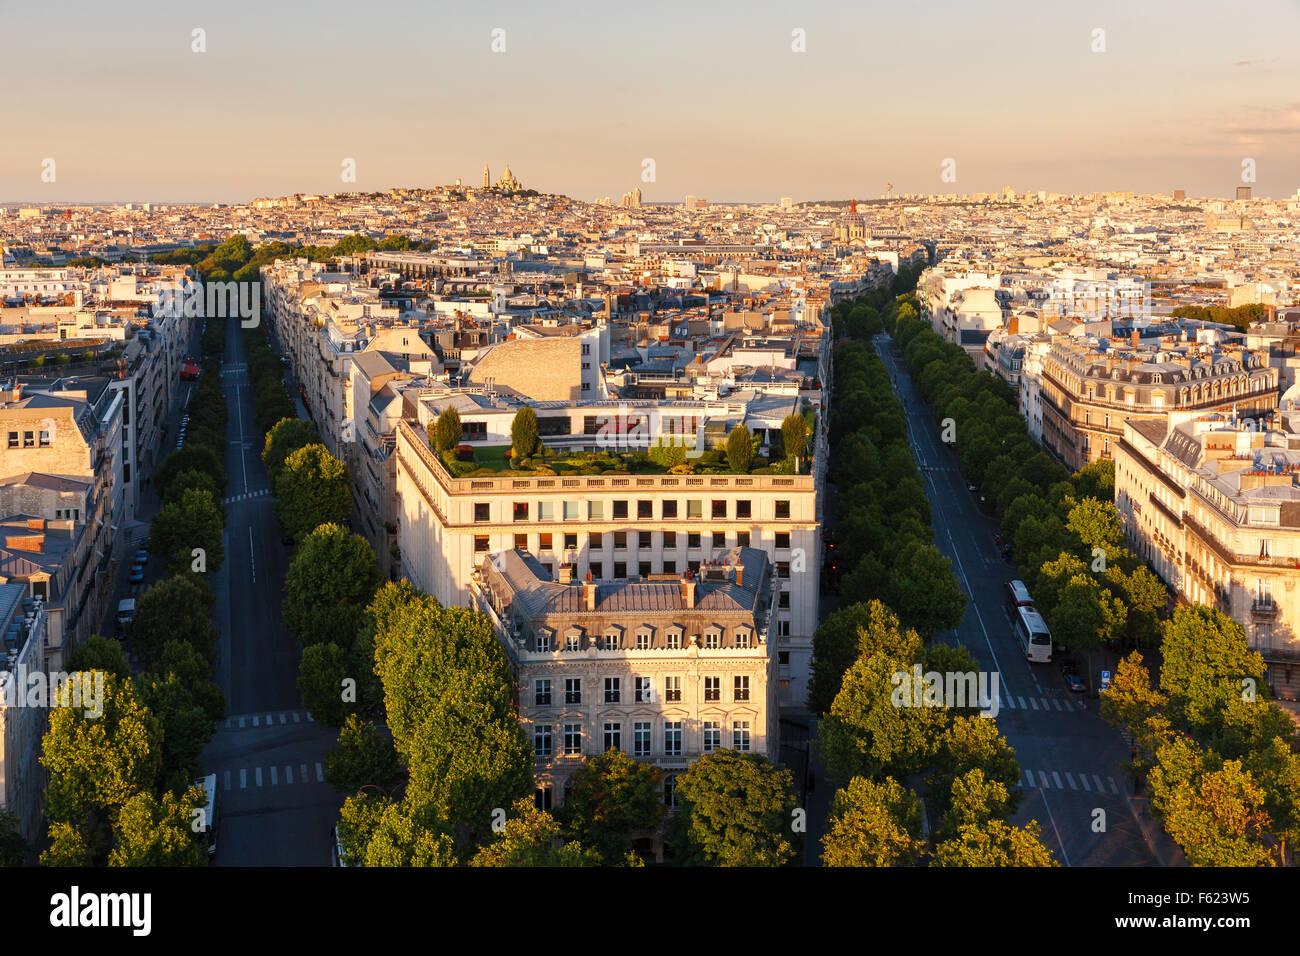 Zentrum von Paris, am späten Nachmittag Wege Hoch und de Friedland am Ende des Nachmittags im 8. Arrondissement. Stockbild